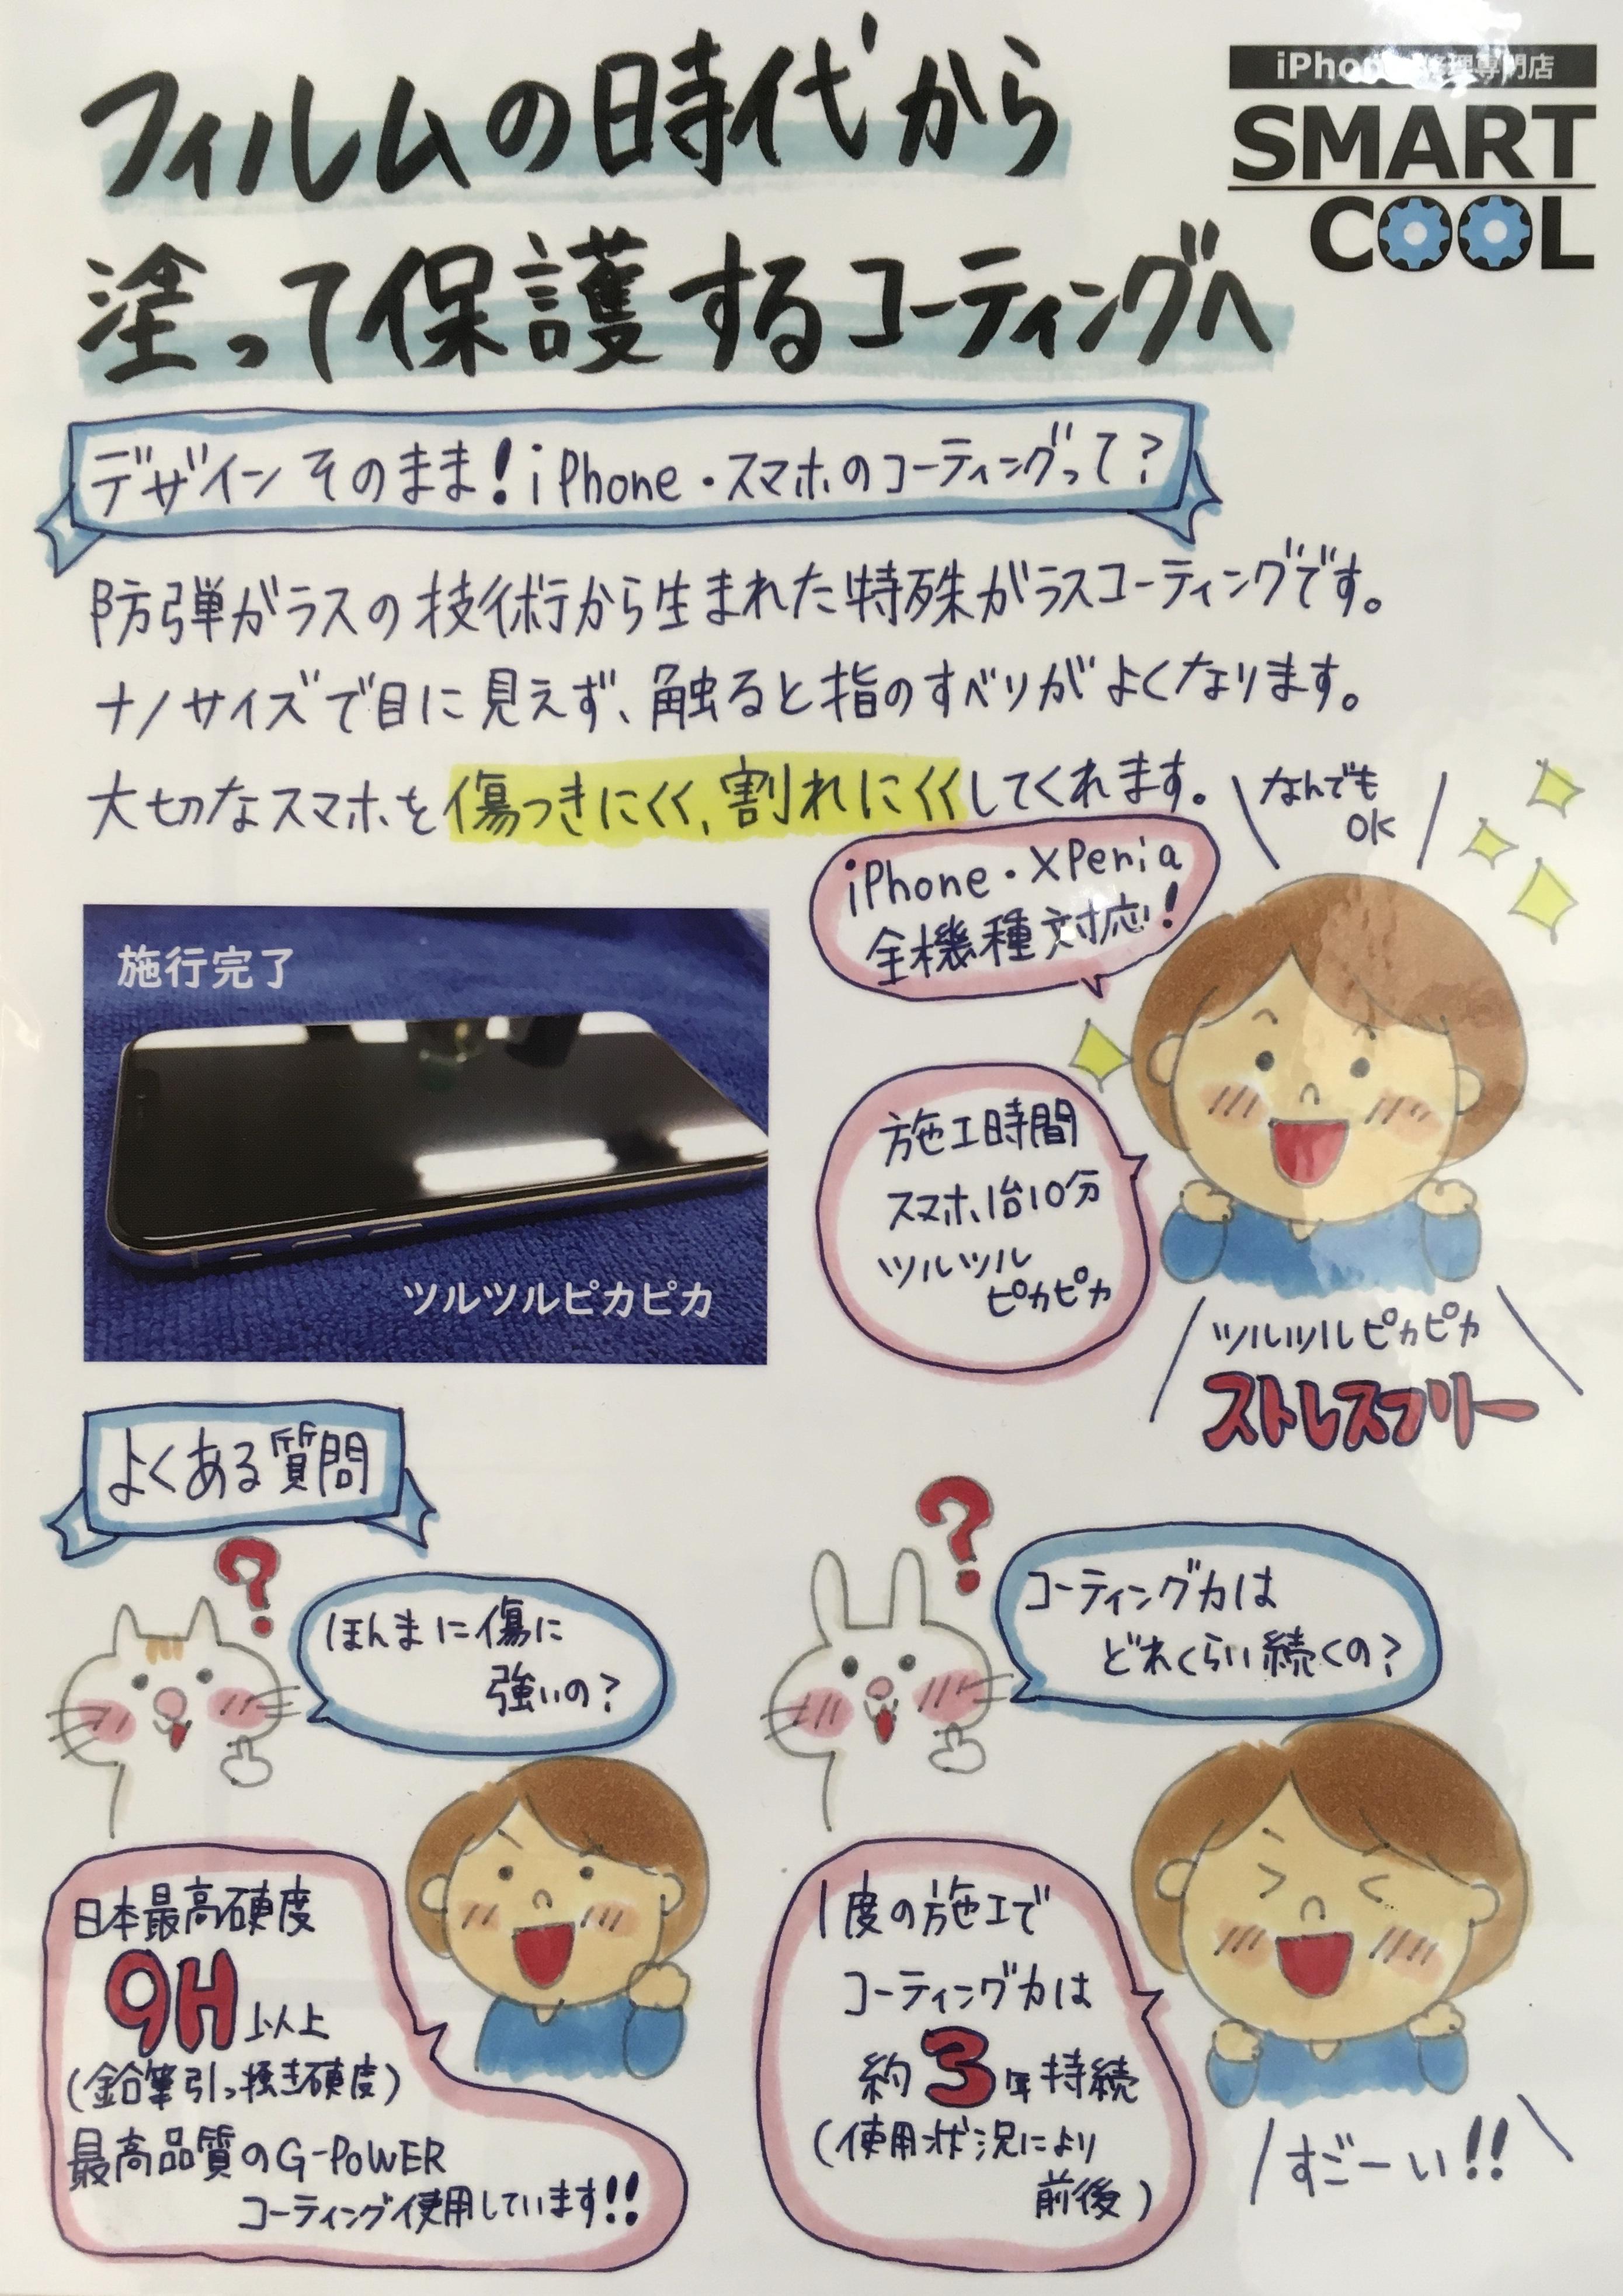 iPhoneXSガラスコーティング✨【倉敷市からお越しのお客様】施工時間10分!